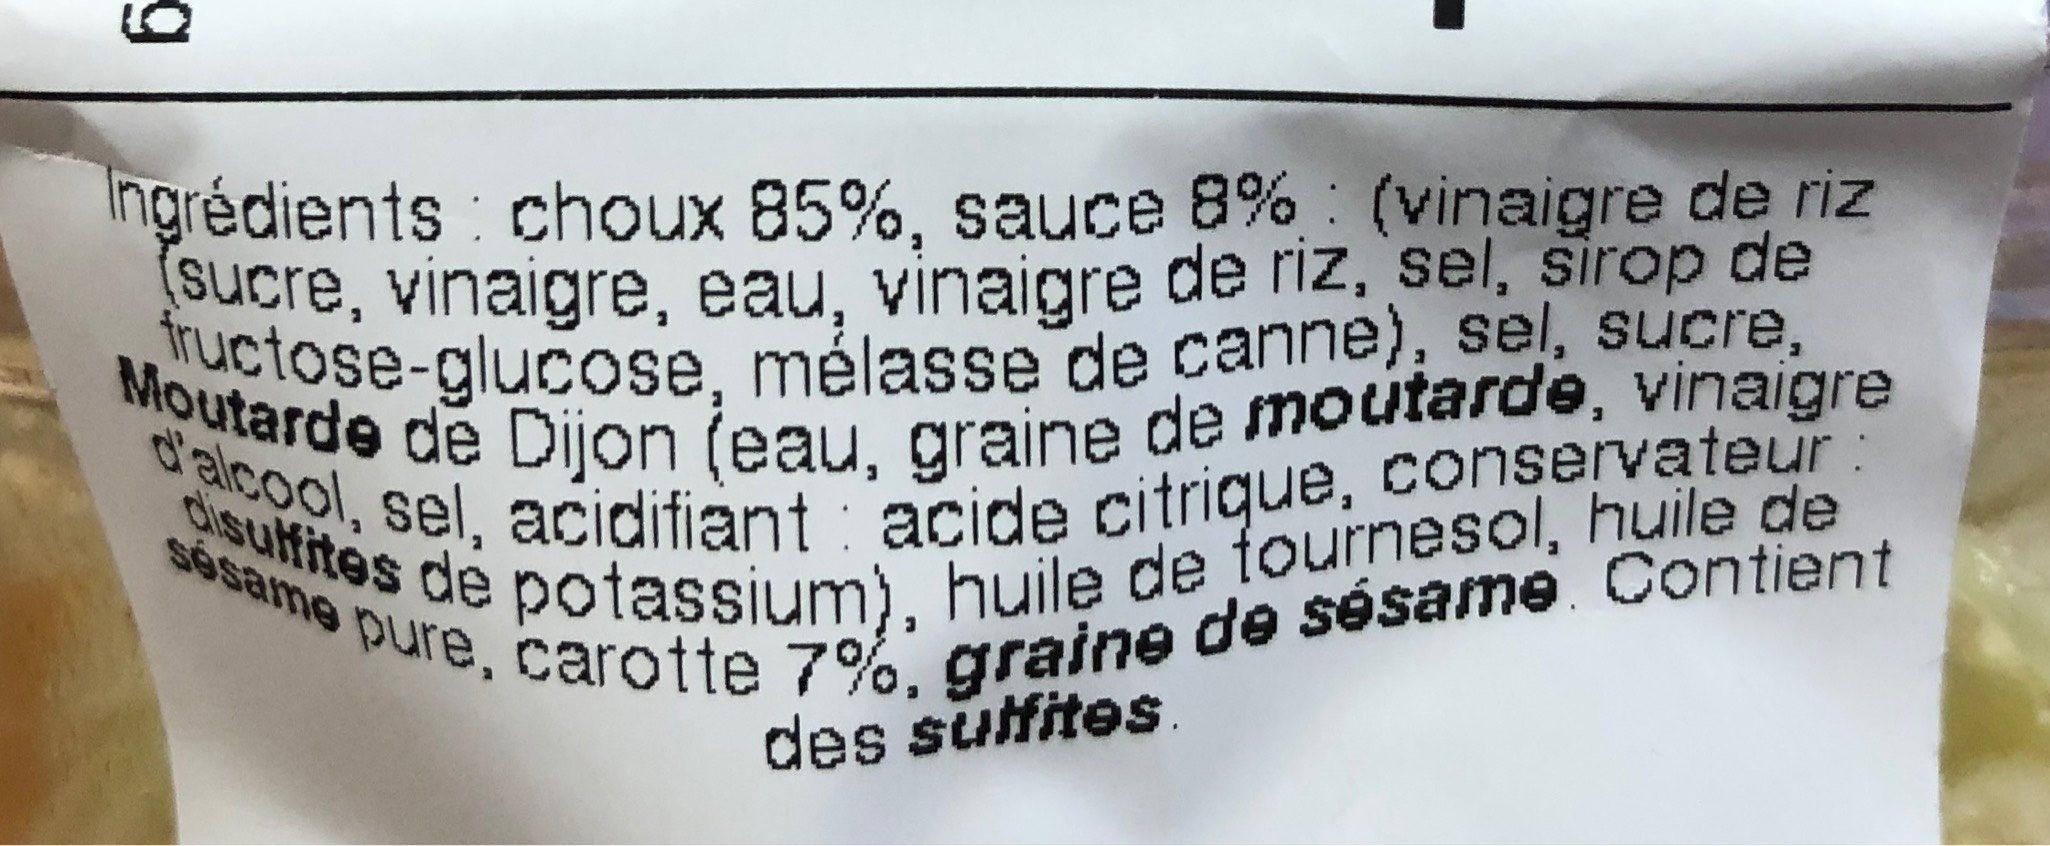 Salade de Choux - Informations nutritionnelles - fr